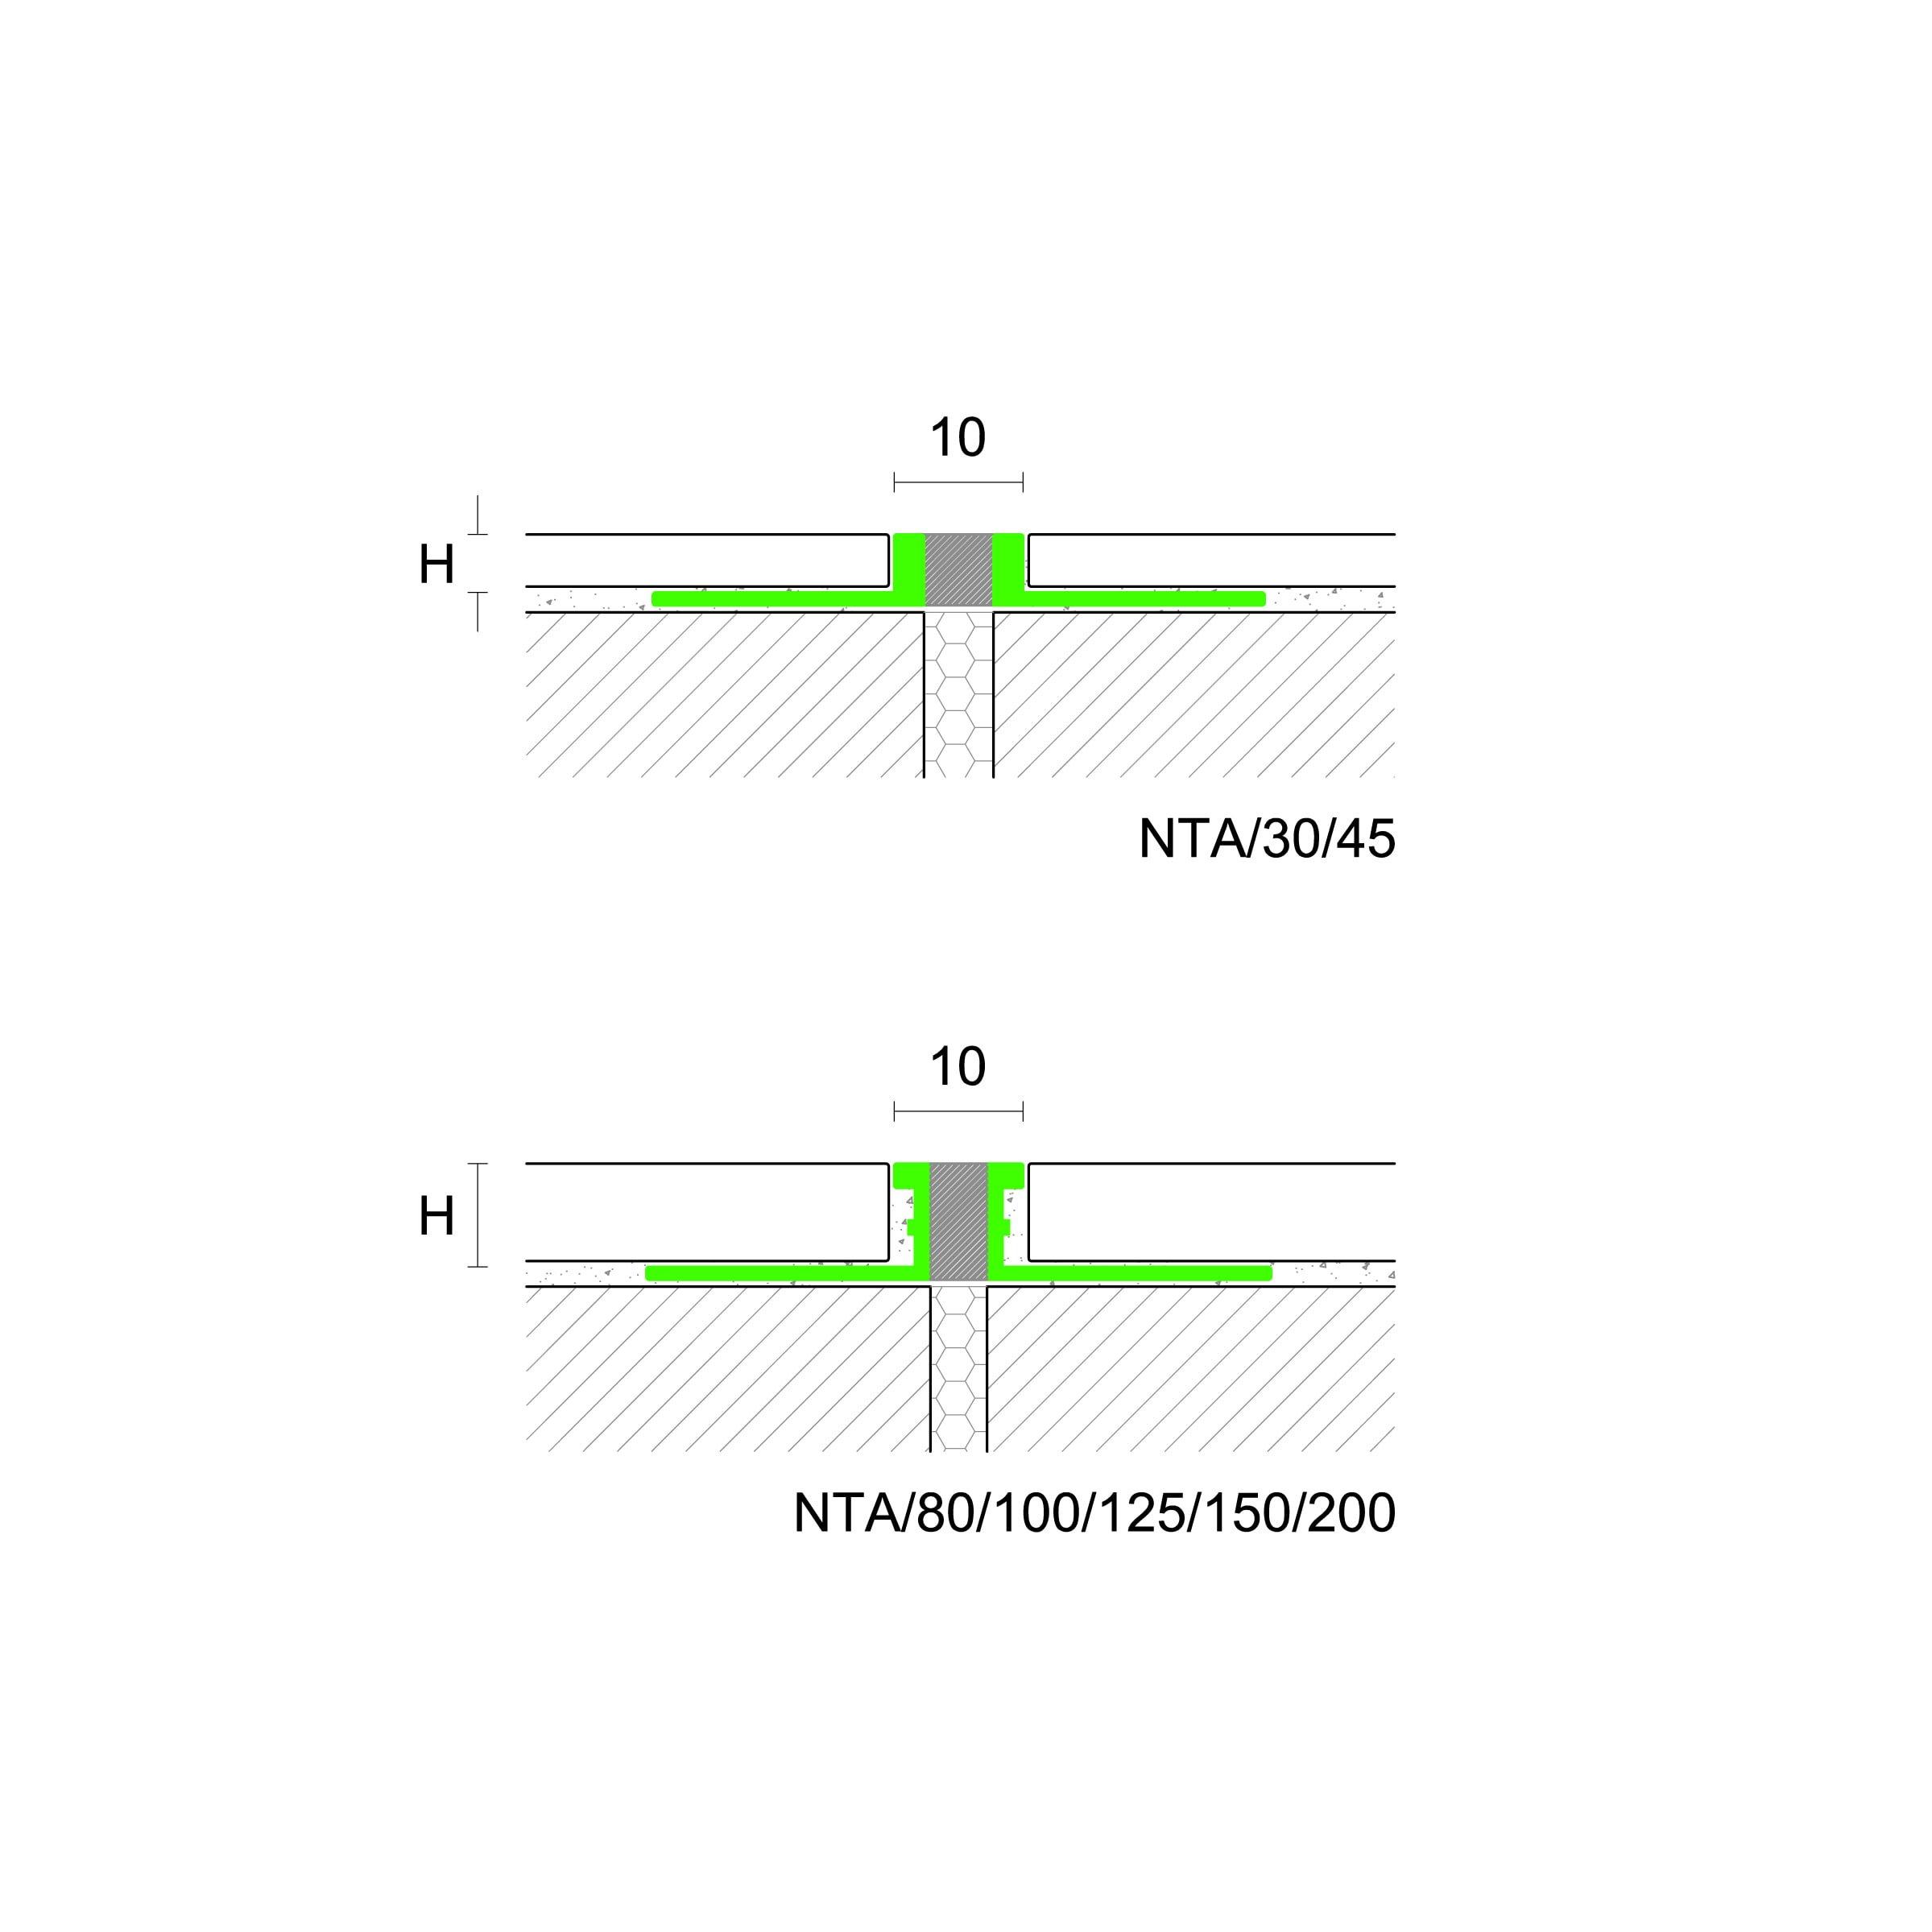 potongan-expansion-joint-2-www.profilpas.com